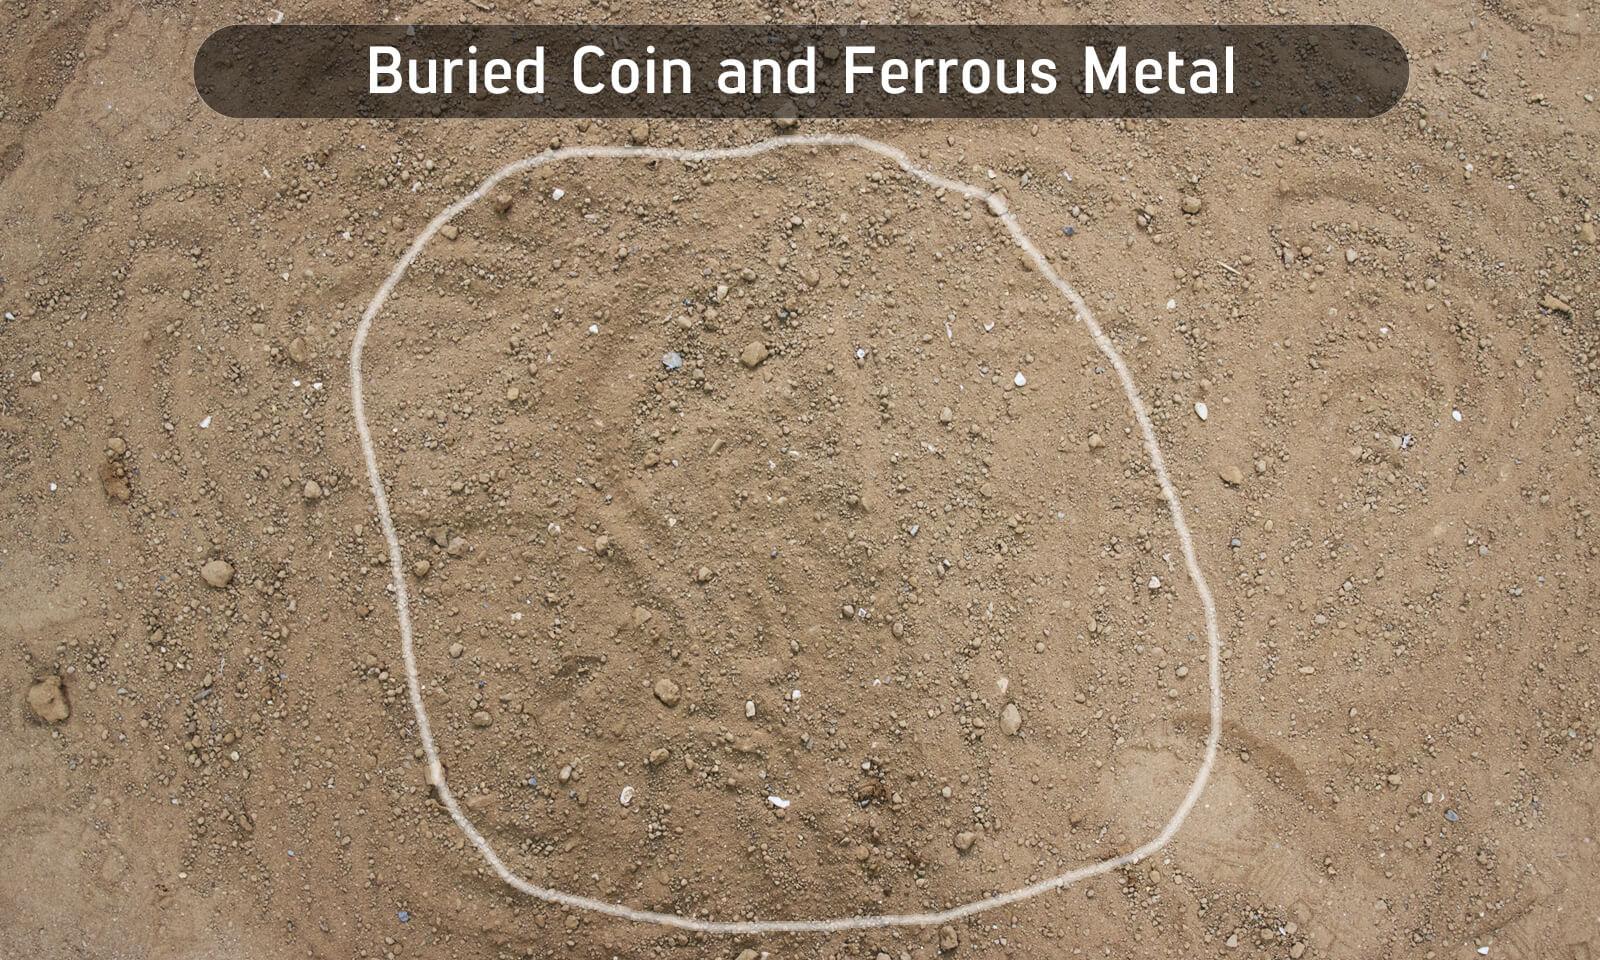 invenio-underground-metals-2.jpg